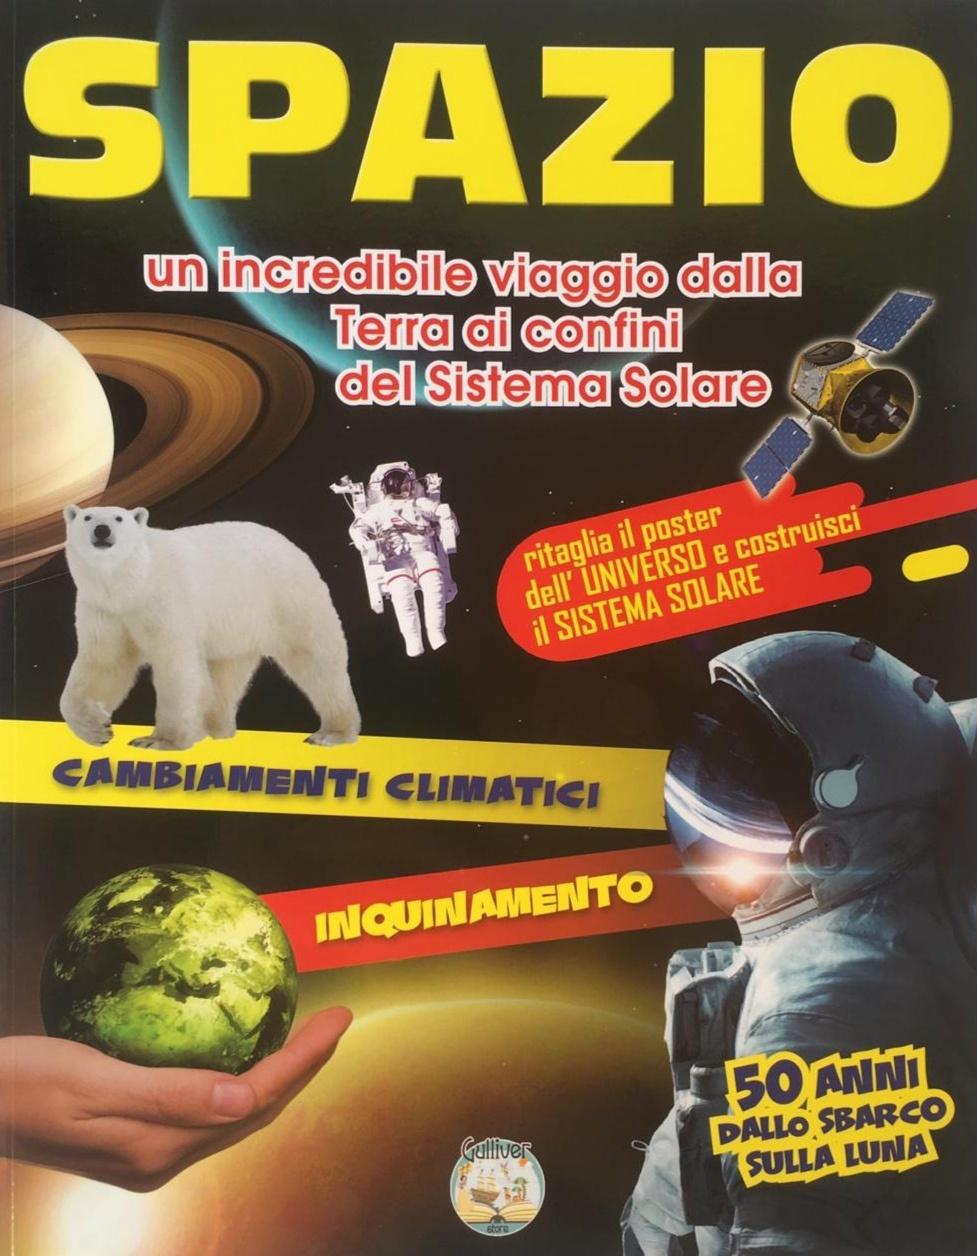 Spazio per bambini - Spacebook.it - lo store dei libri online